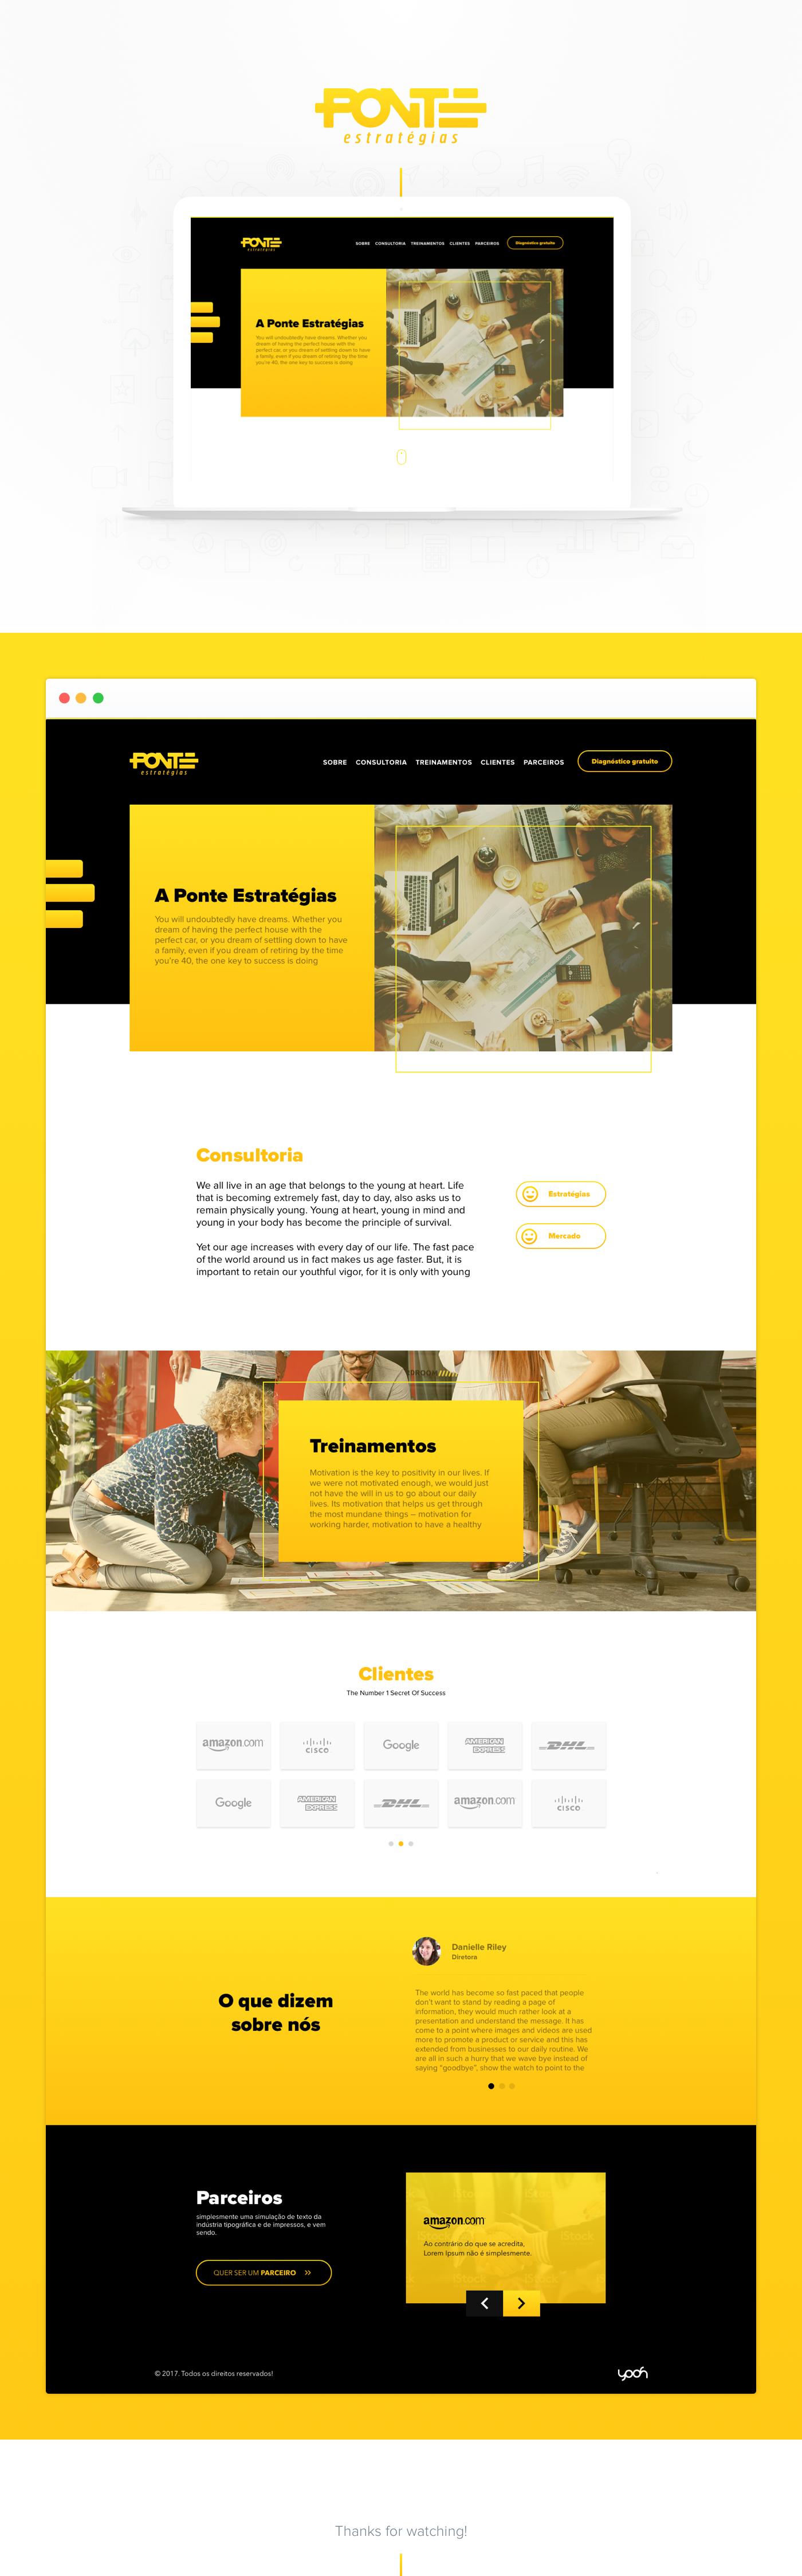 UI,ux,design,front-end,back-end,onepage